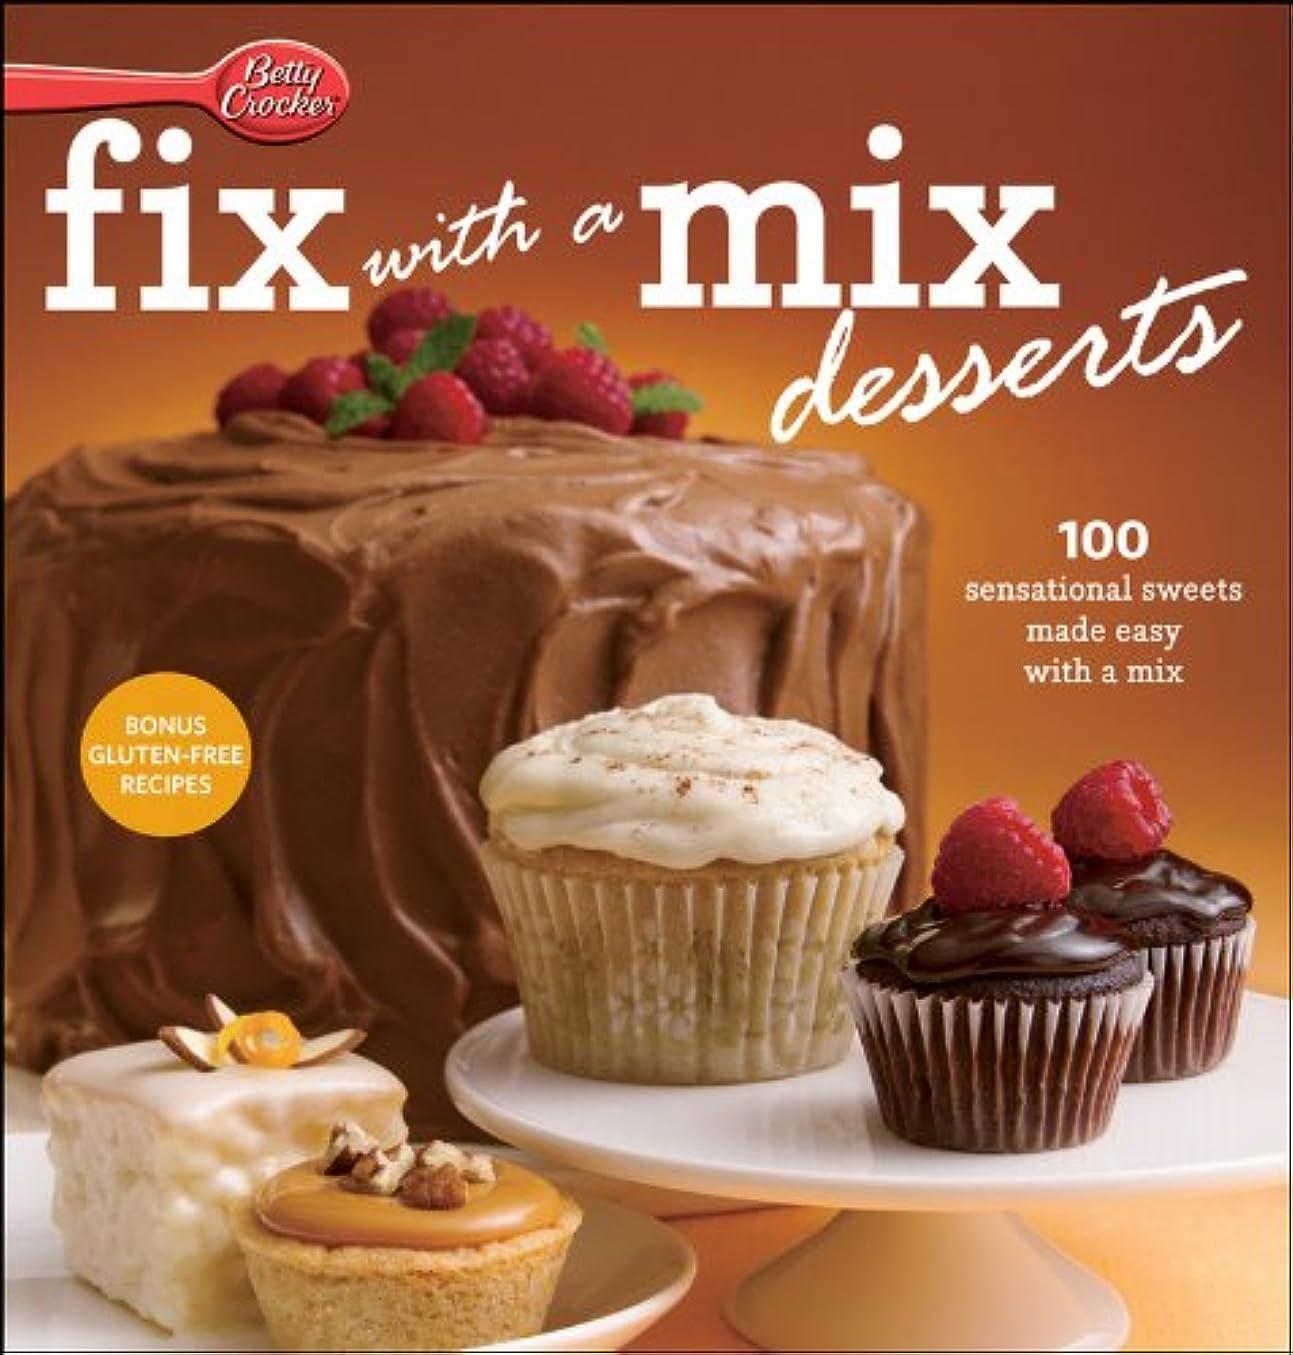 節約遺跡ファンタジーBetty Crocker Fix-with-a-Mix Desserts: 100 Sensational Sweets Made Easy with a Mix (Betty Crocker Cooking) (English Edition)